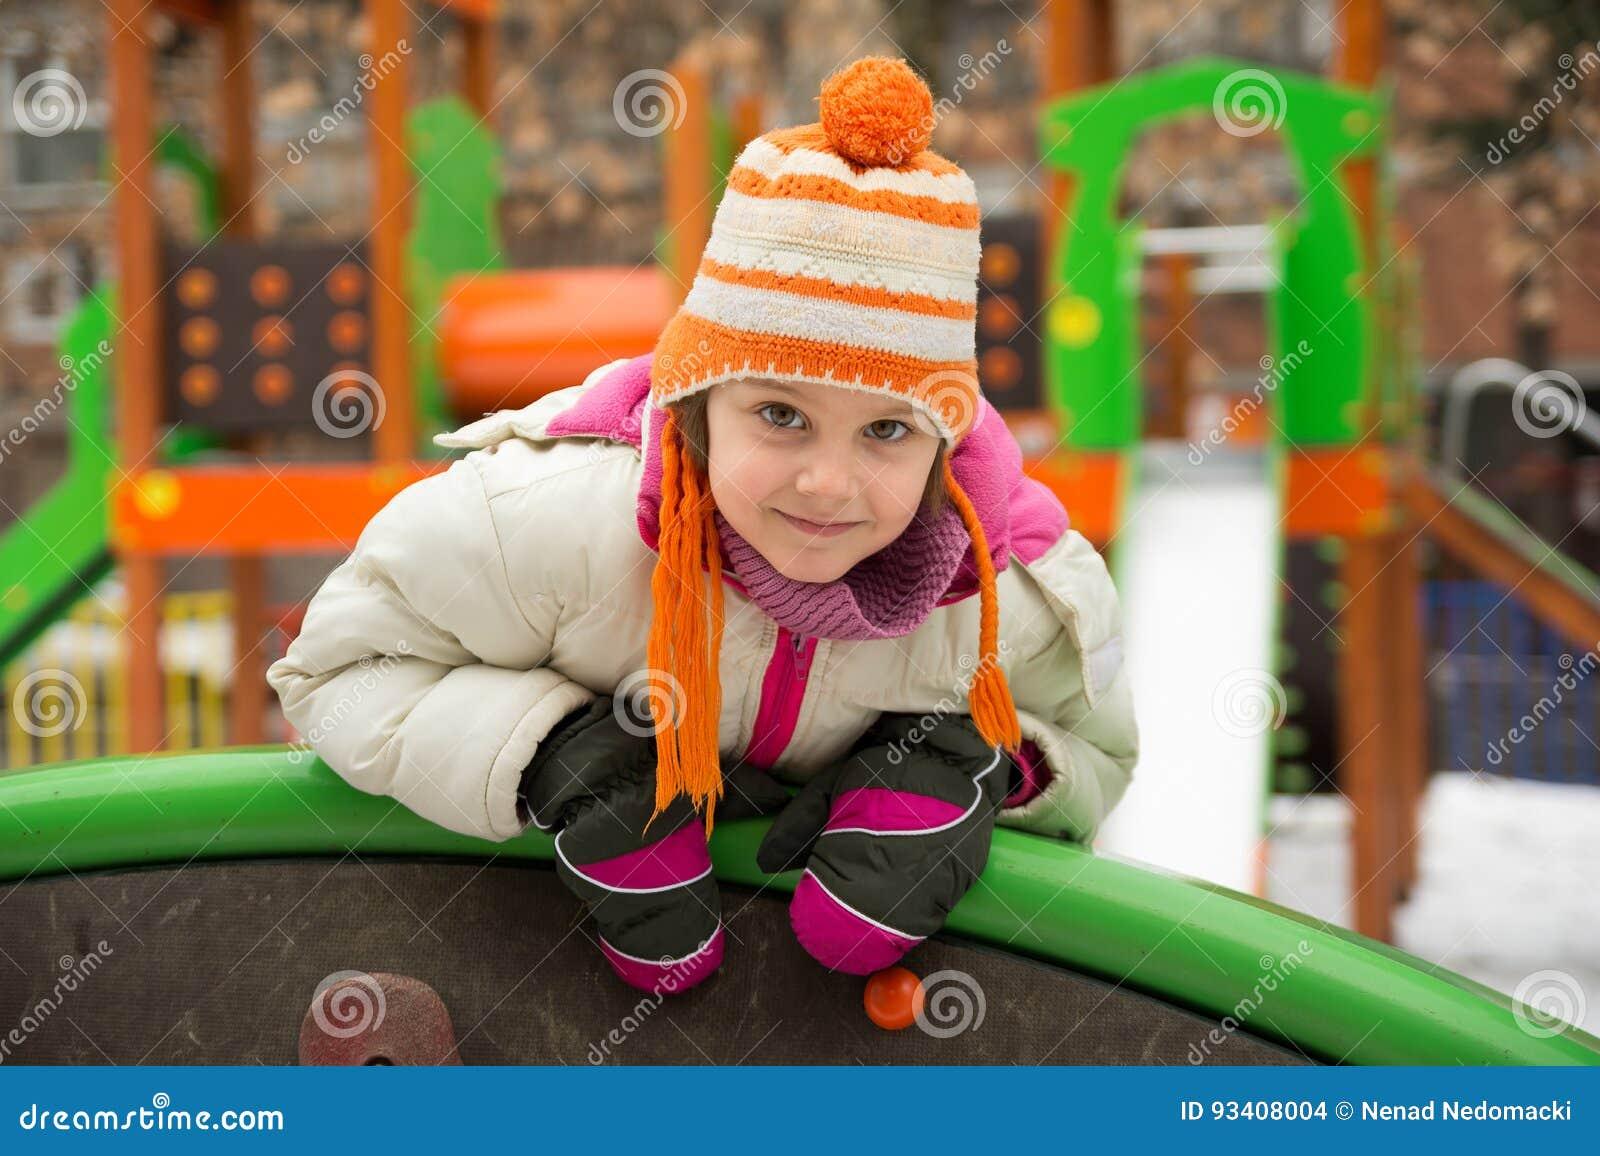 小女孩获得乐趣在冬天操场